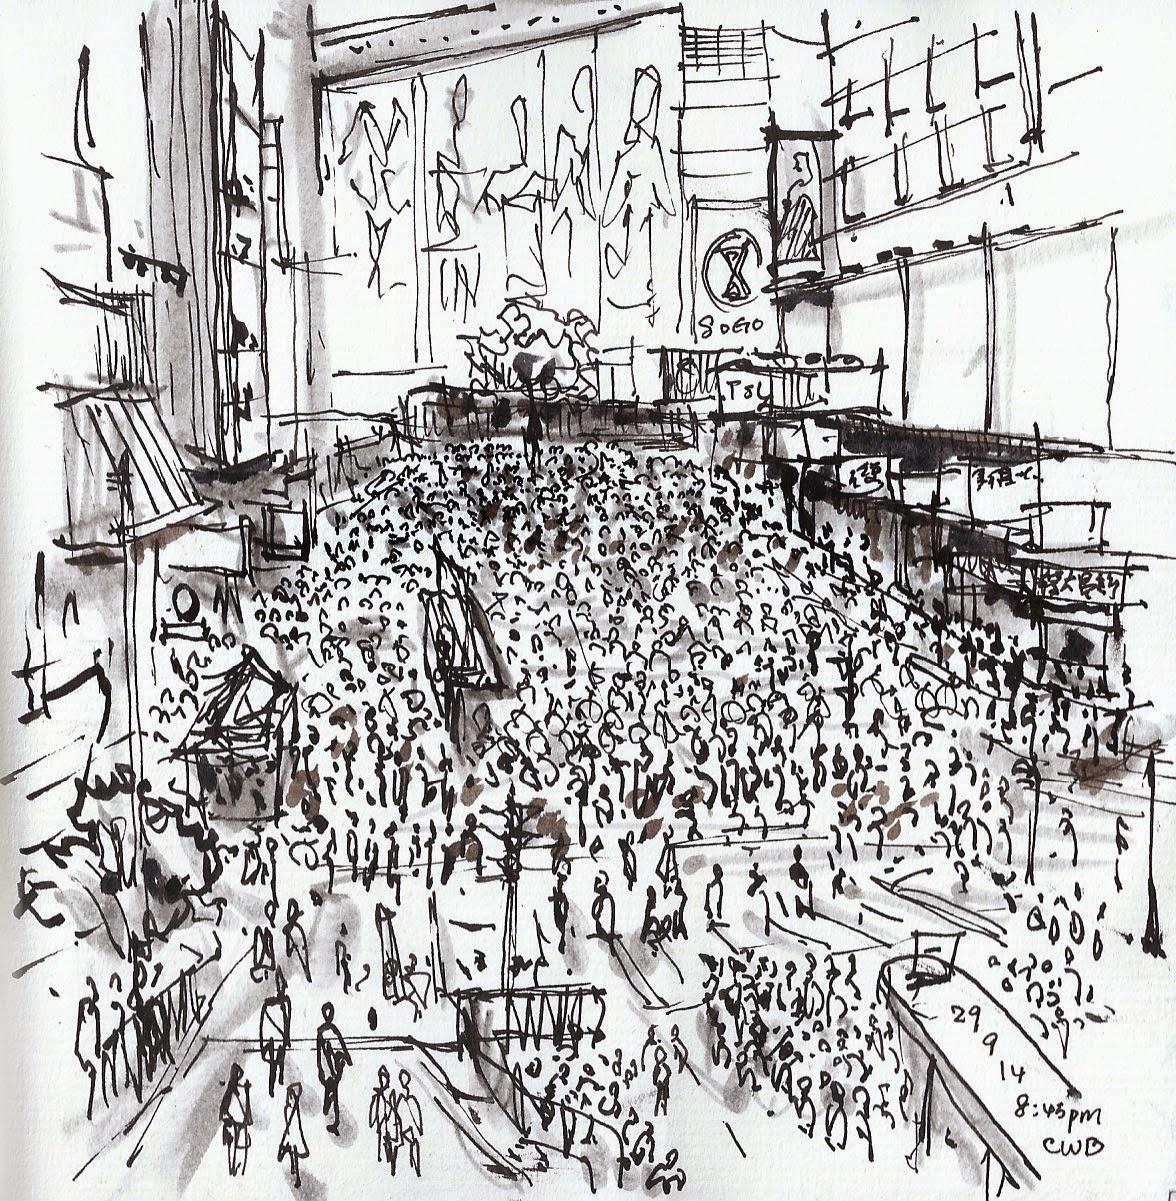 1176x1201 Eyewitness Sketches Of Hong Kong Pro Democracy Protests Urban